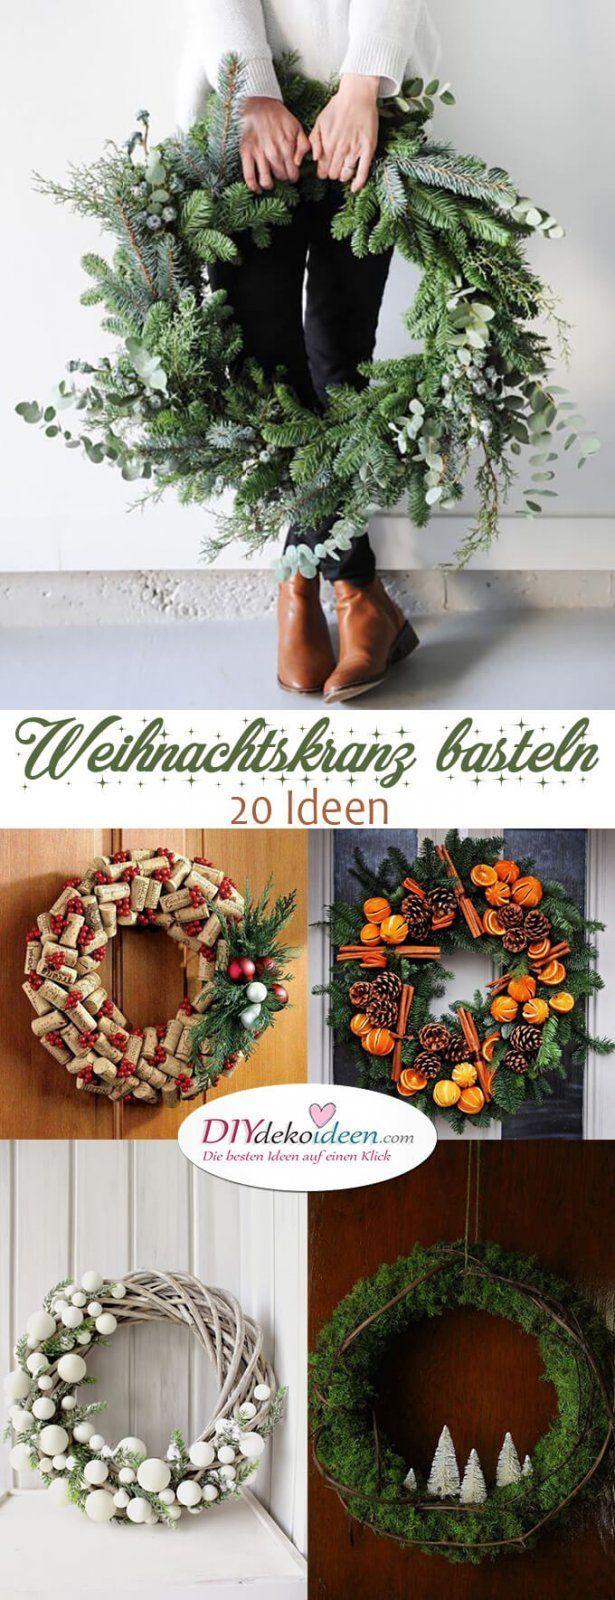 Begrüßt den Advent mit einem Kranz an der Tür - Weihnachtskranz basteln #kerstideeën